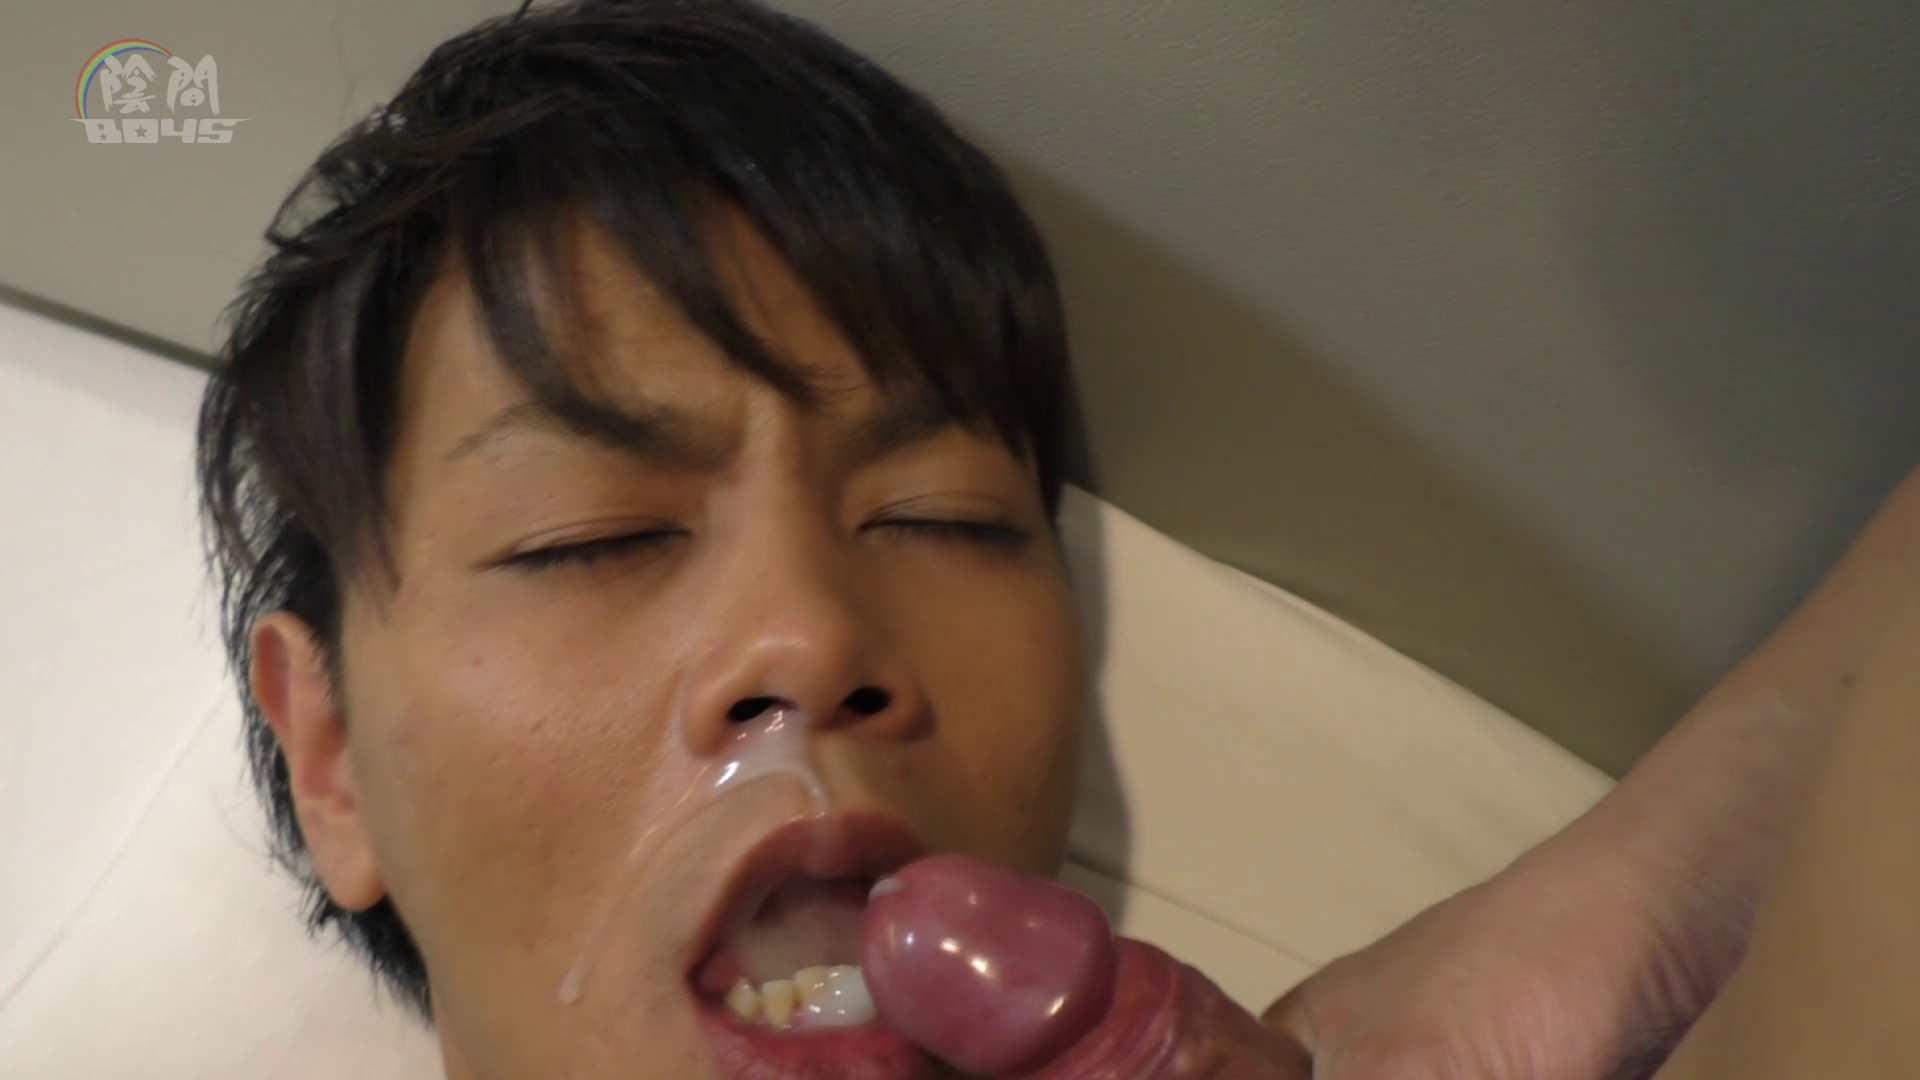 キャバクラの仕事はアナルから6  ~アナルの囁き~Vol.02 ザーメン ゲイ無料エロ画像 70pic 43